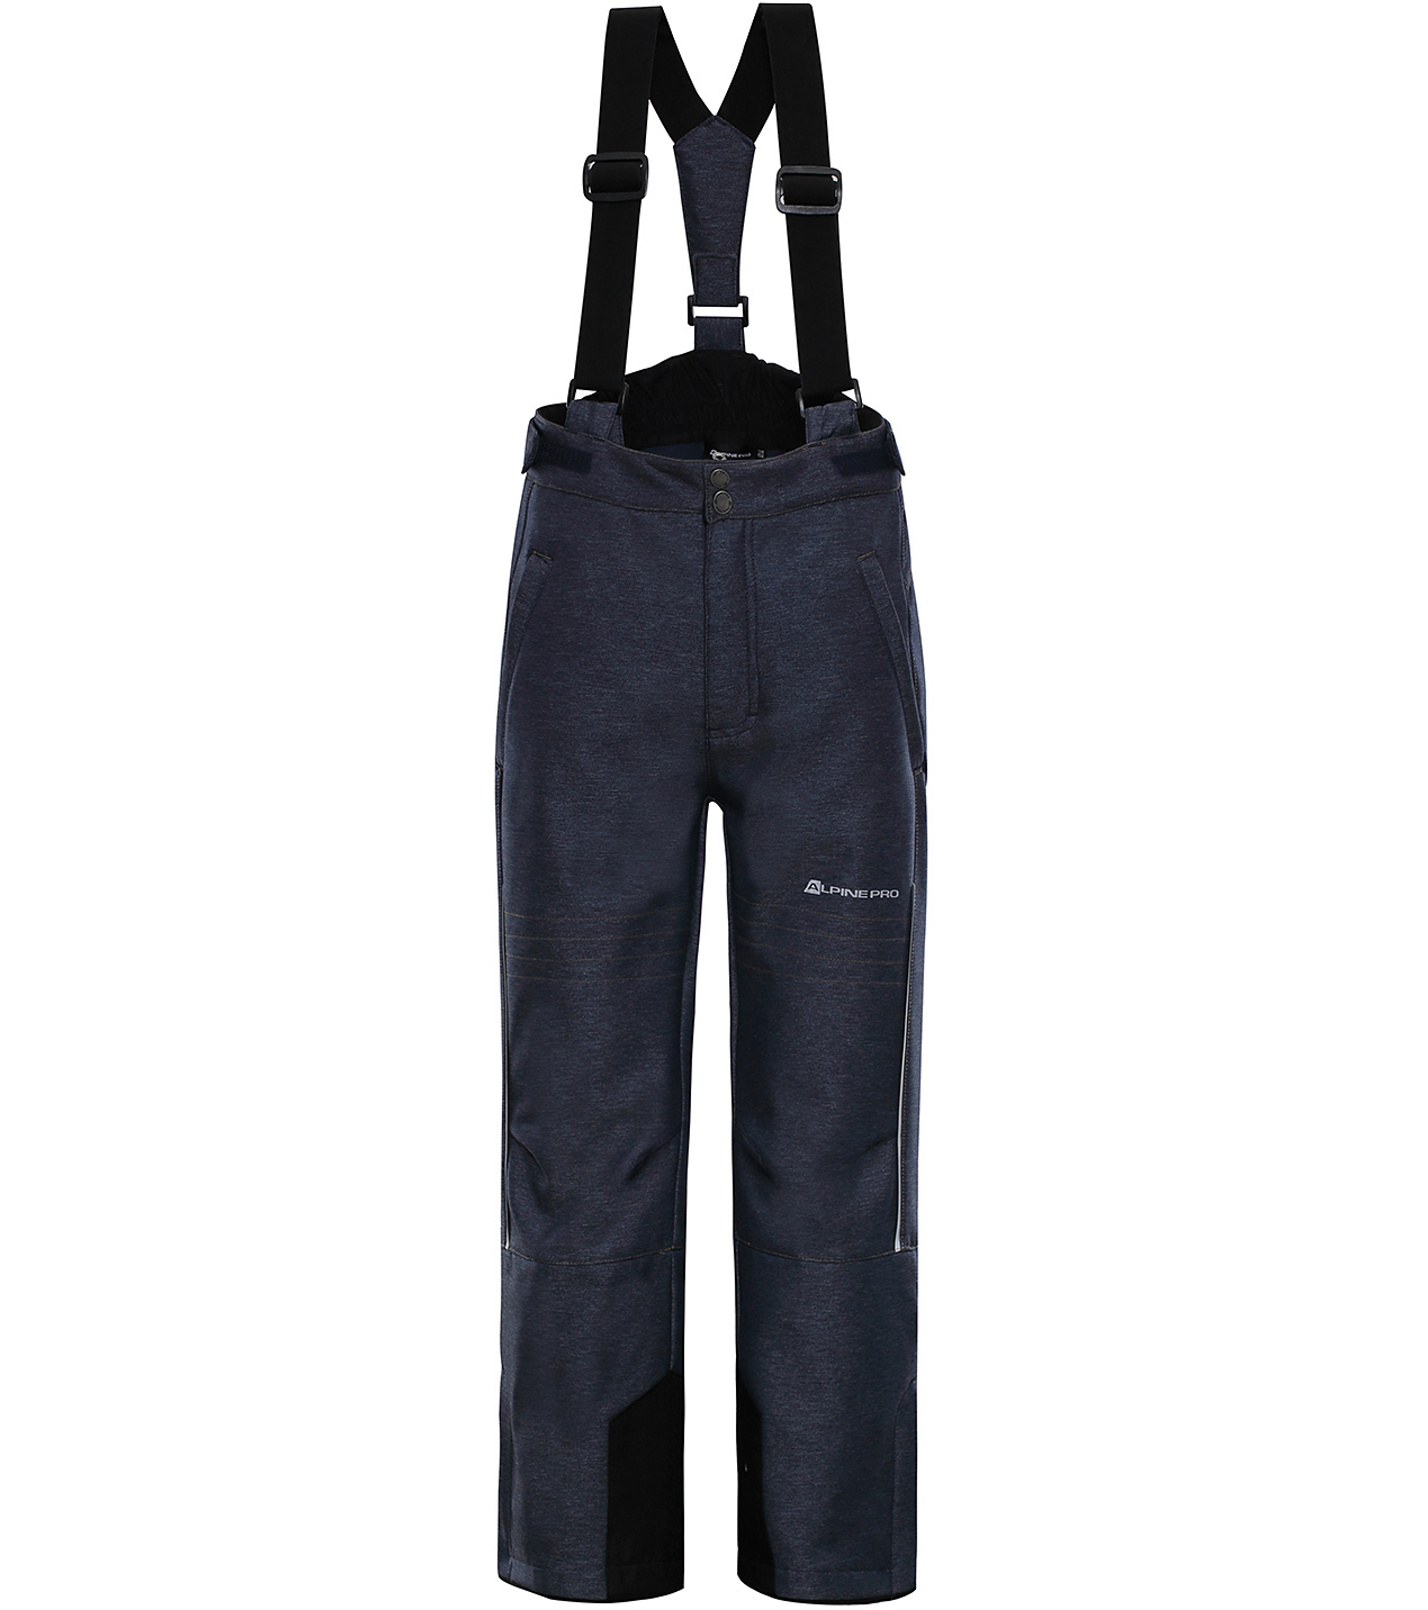 ALPINE PRO NEXO 3 Dětské lyžařské kalhoty KPAP175602 mood indigo 128-134